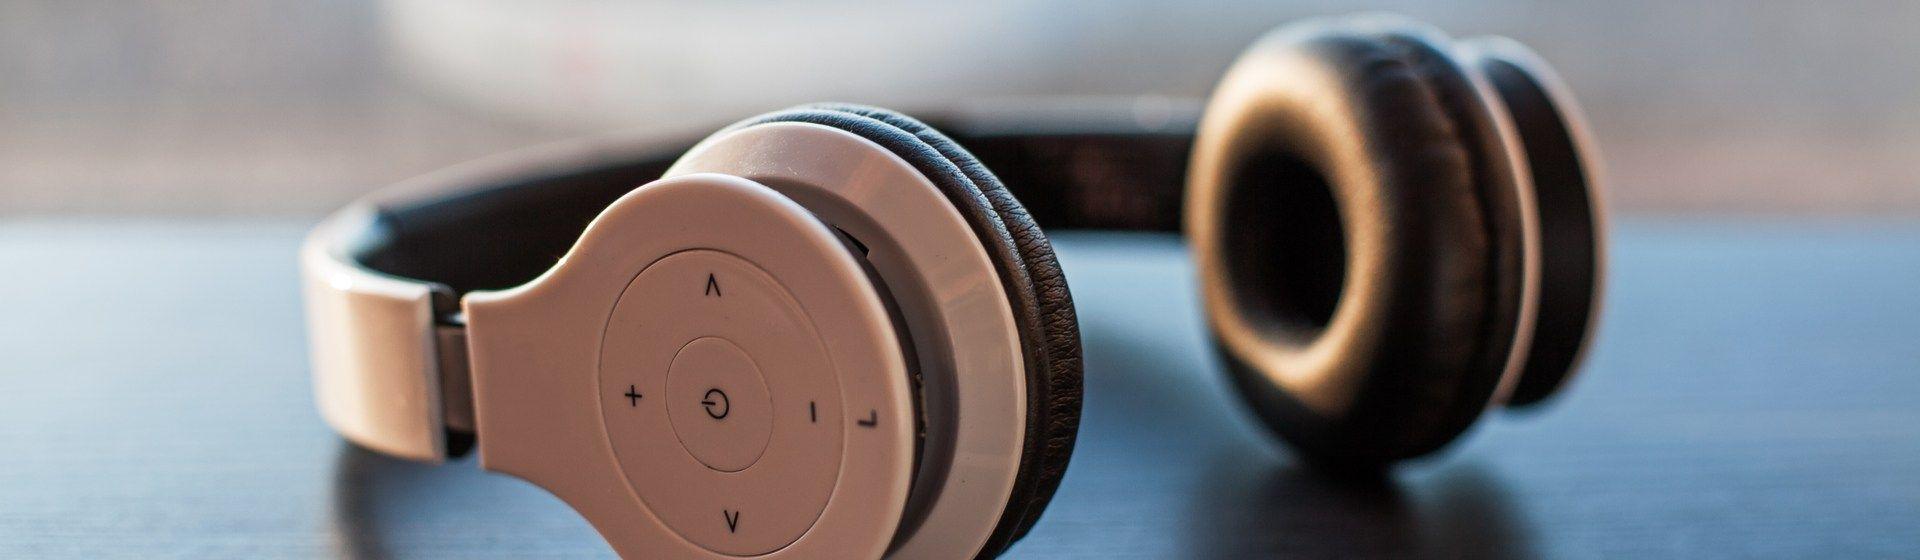 Como escolher um fone de ouvido? Leia o nosso guia completo